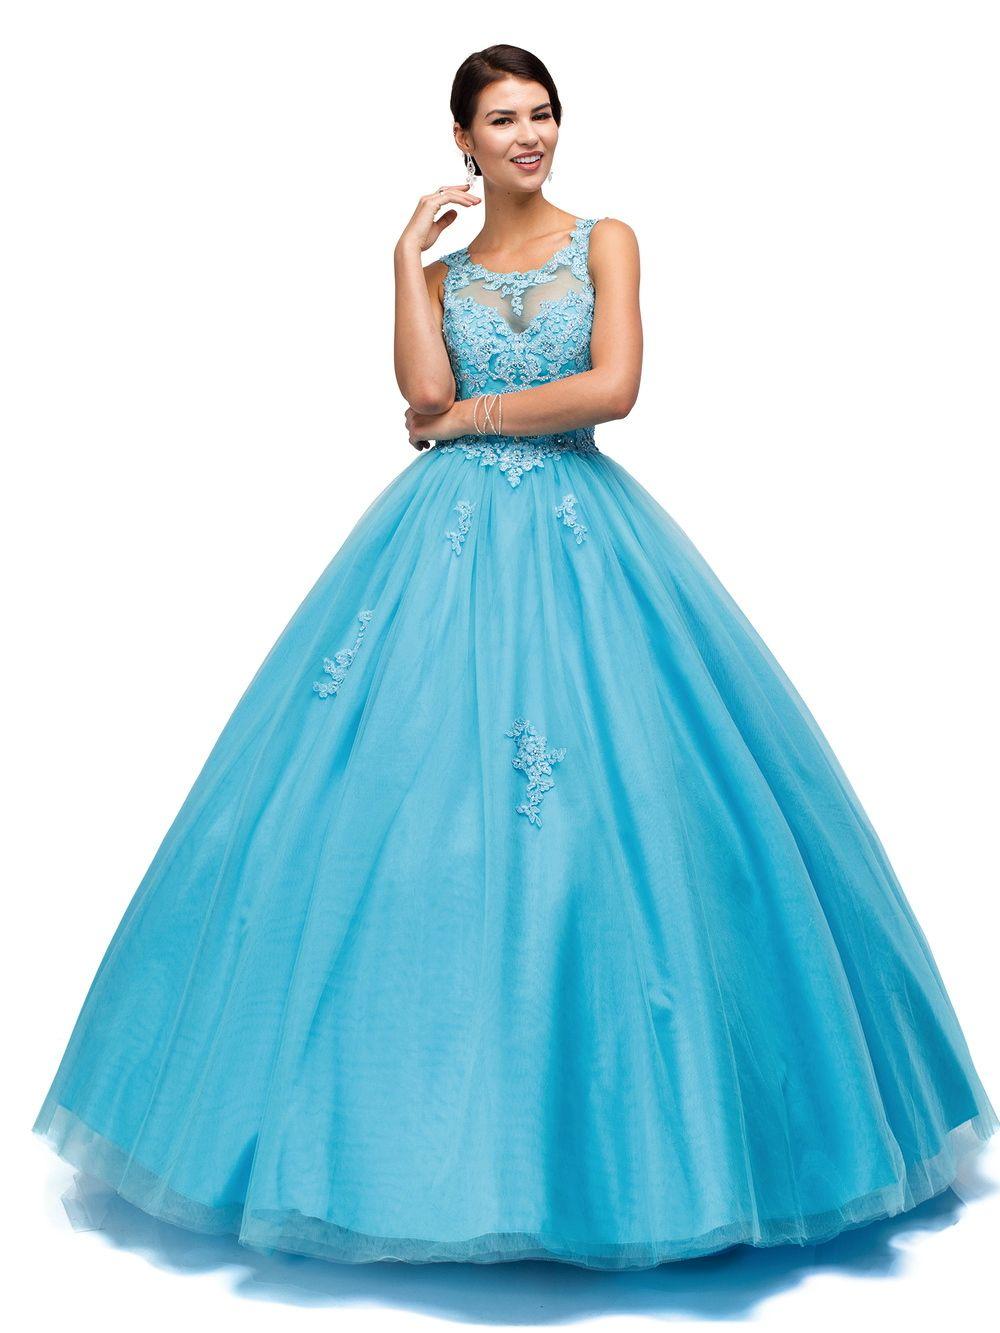 Quinceanera dresses prom dressesucbrueaqnucbrueillusion scoop